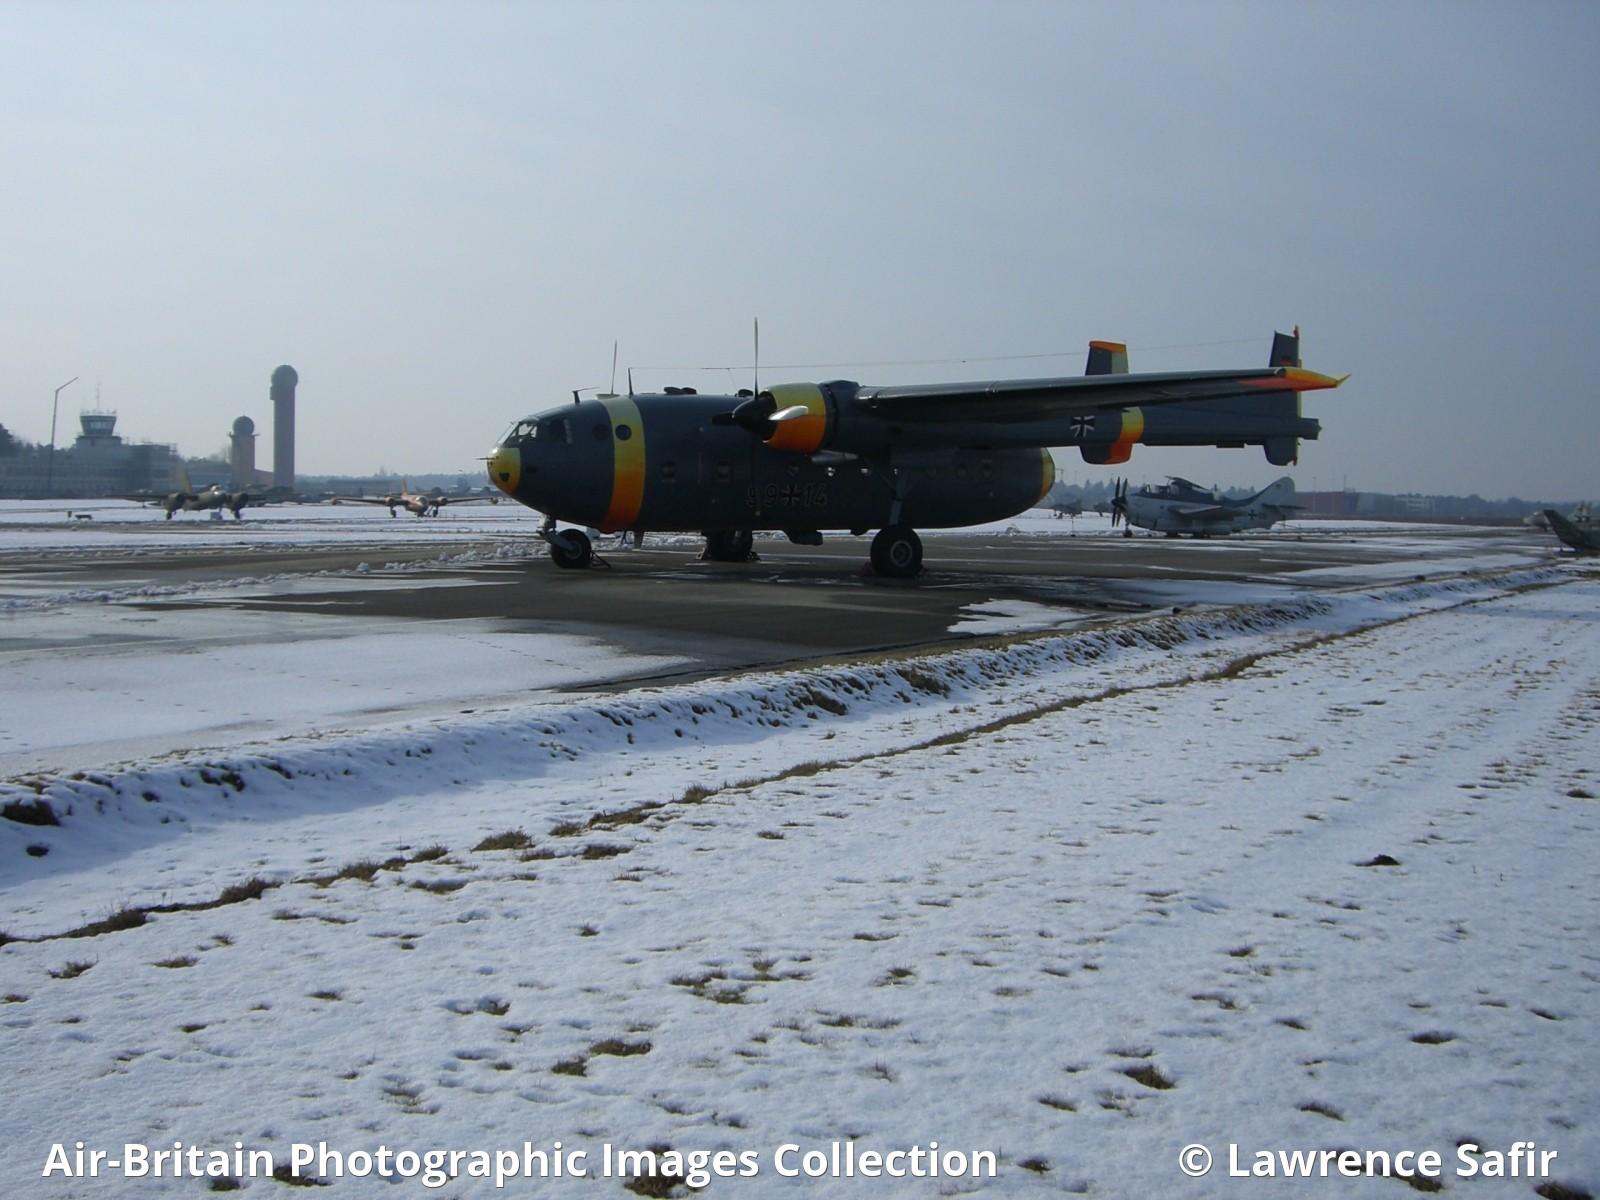 Nord N 2501D Noratlas, 99+14 152, German Air Force : ABPic